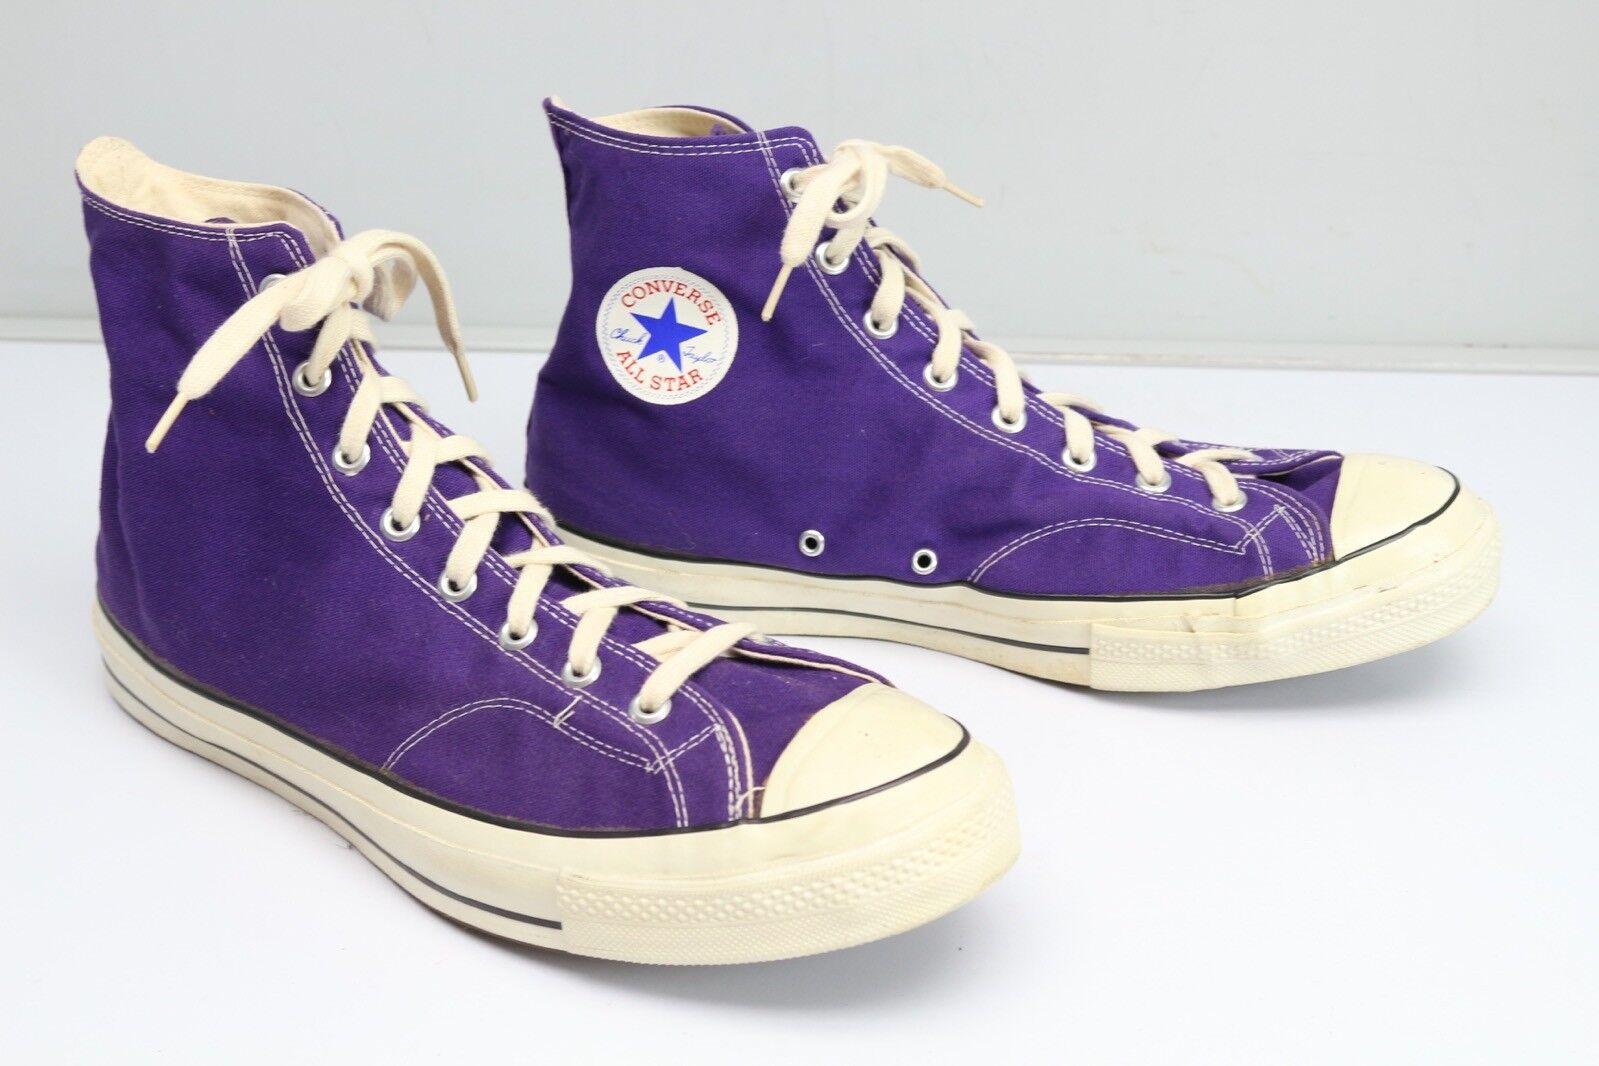 Nos Vtg Années All 1970 Converse All Années Star Chuck Taylor Violet 14.5 Étiquette Noire cad7c6